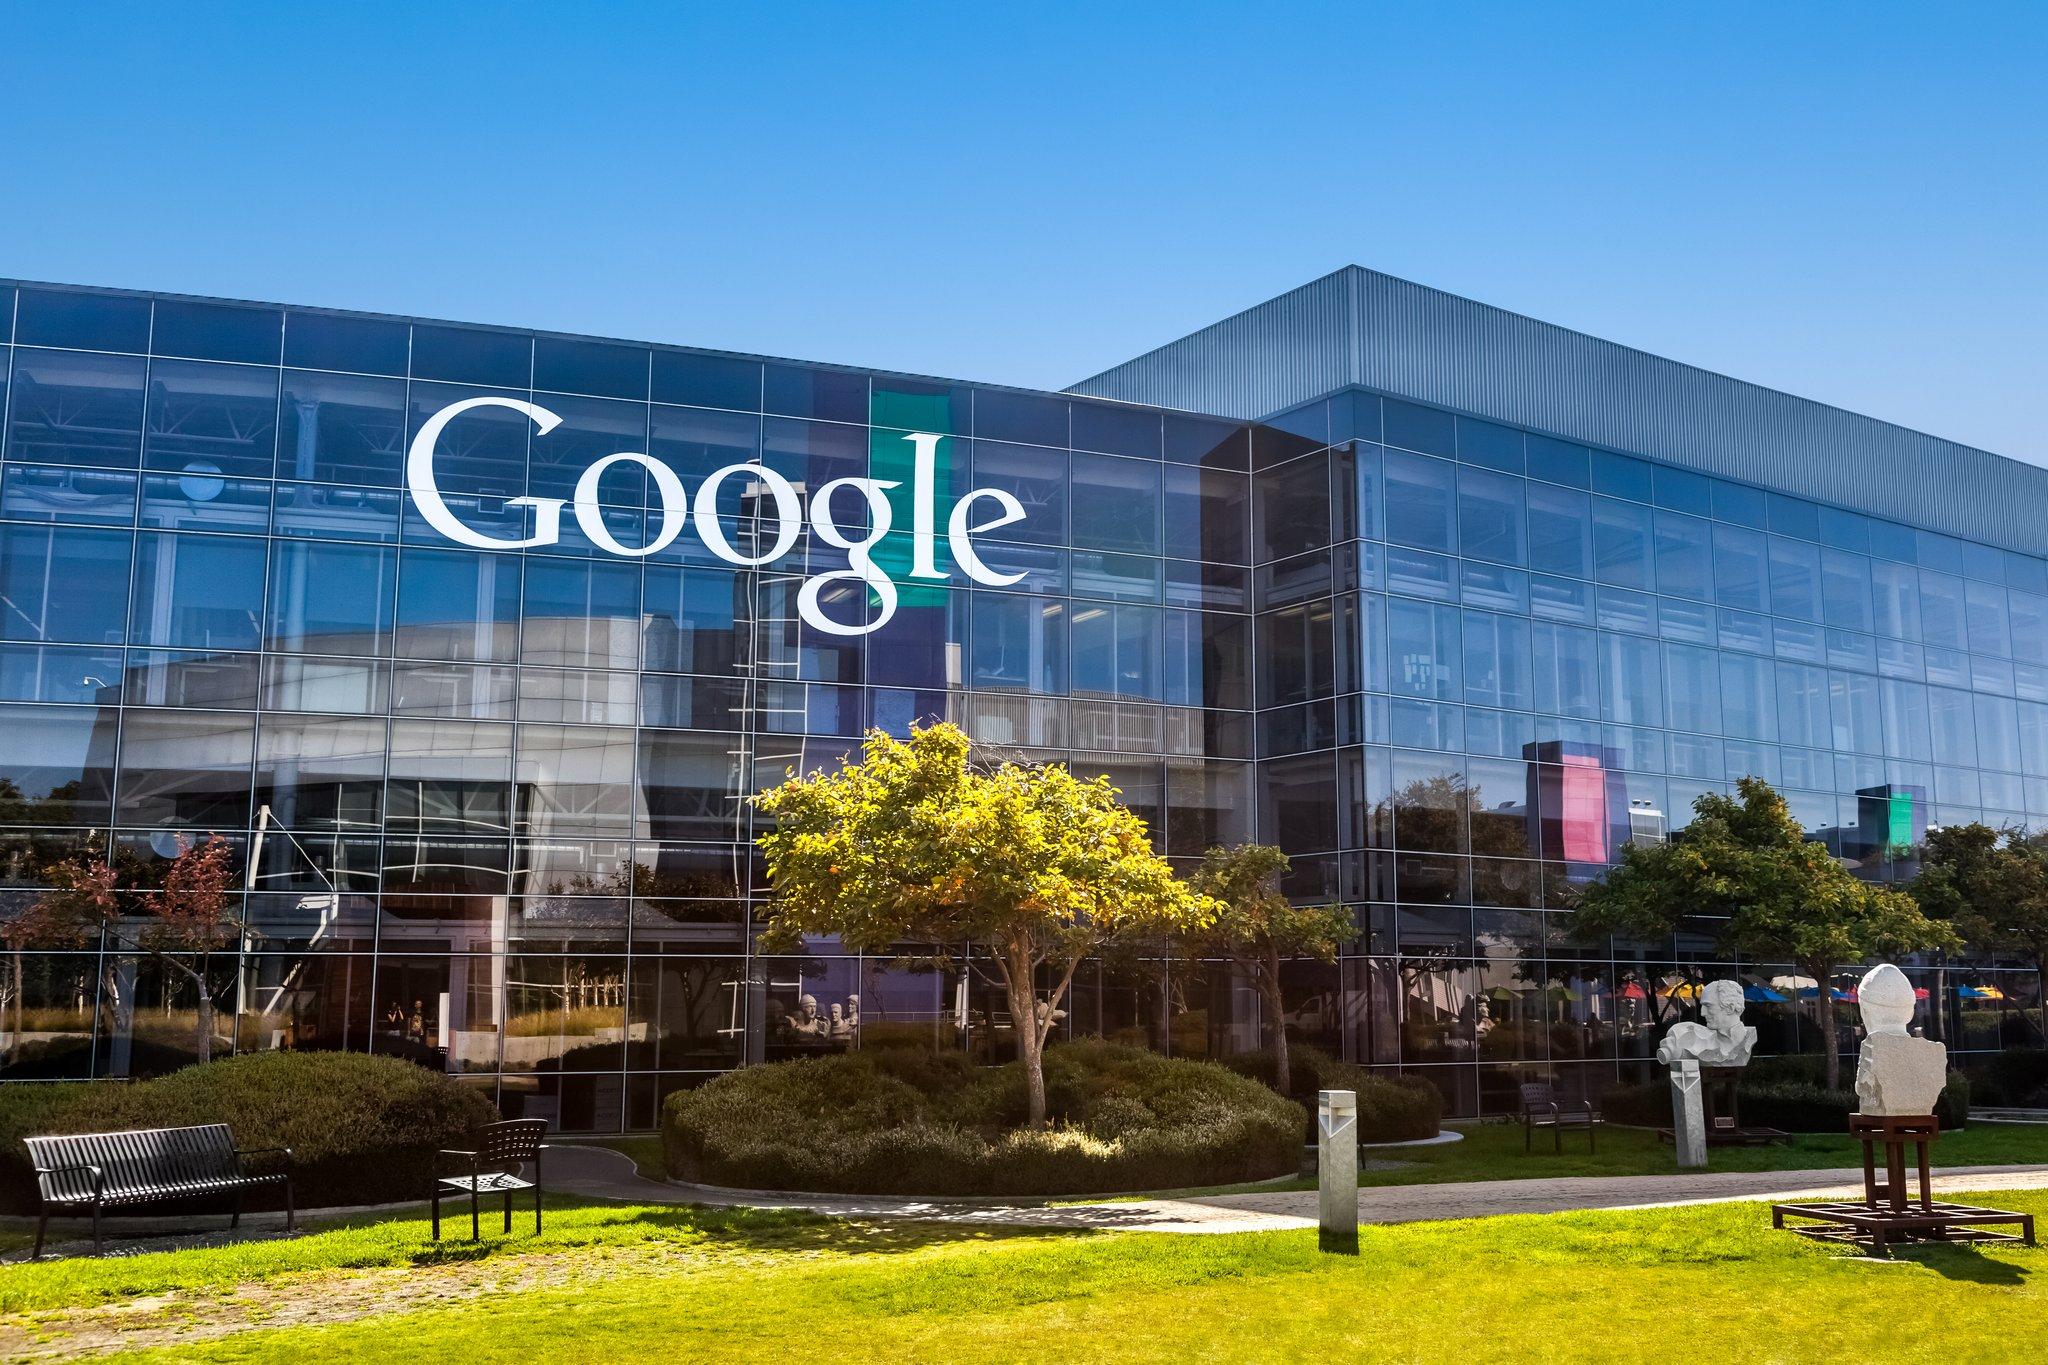 Alphabet-ի (Google) հասույթն առաջին անգամ անցել է 100 մլրդ դոլարից